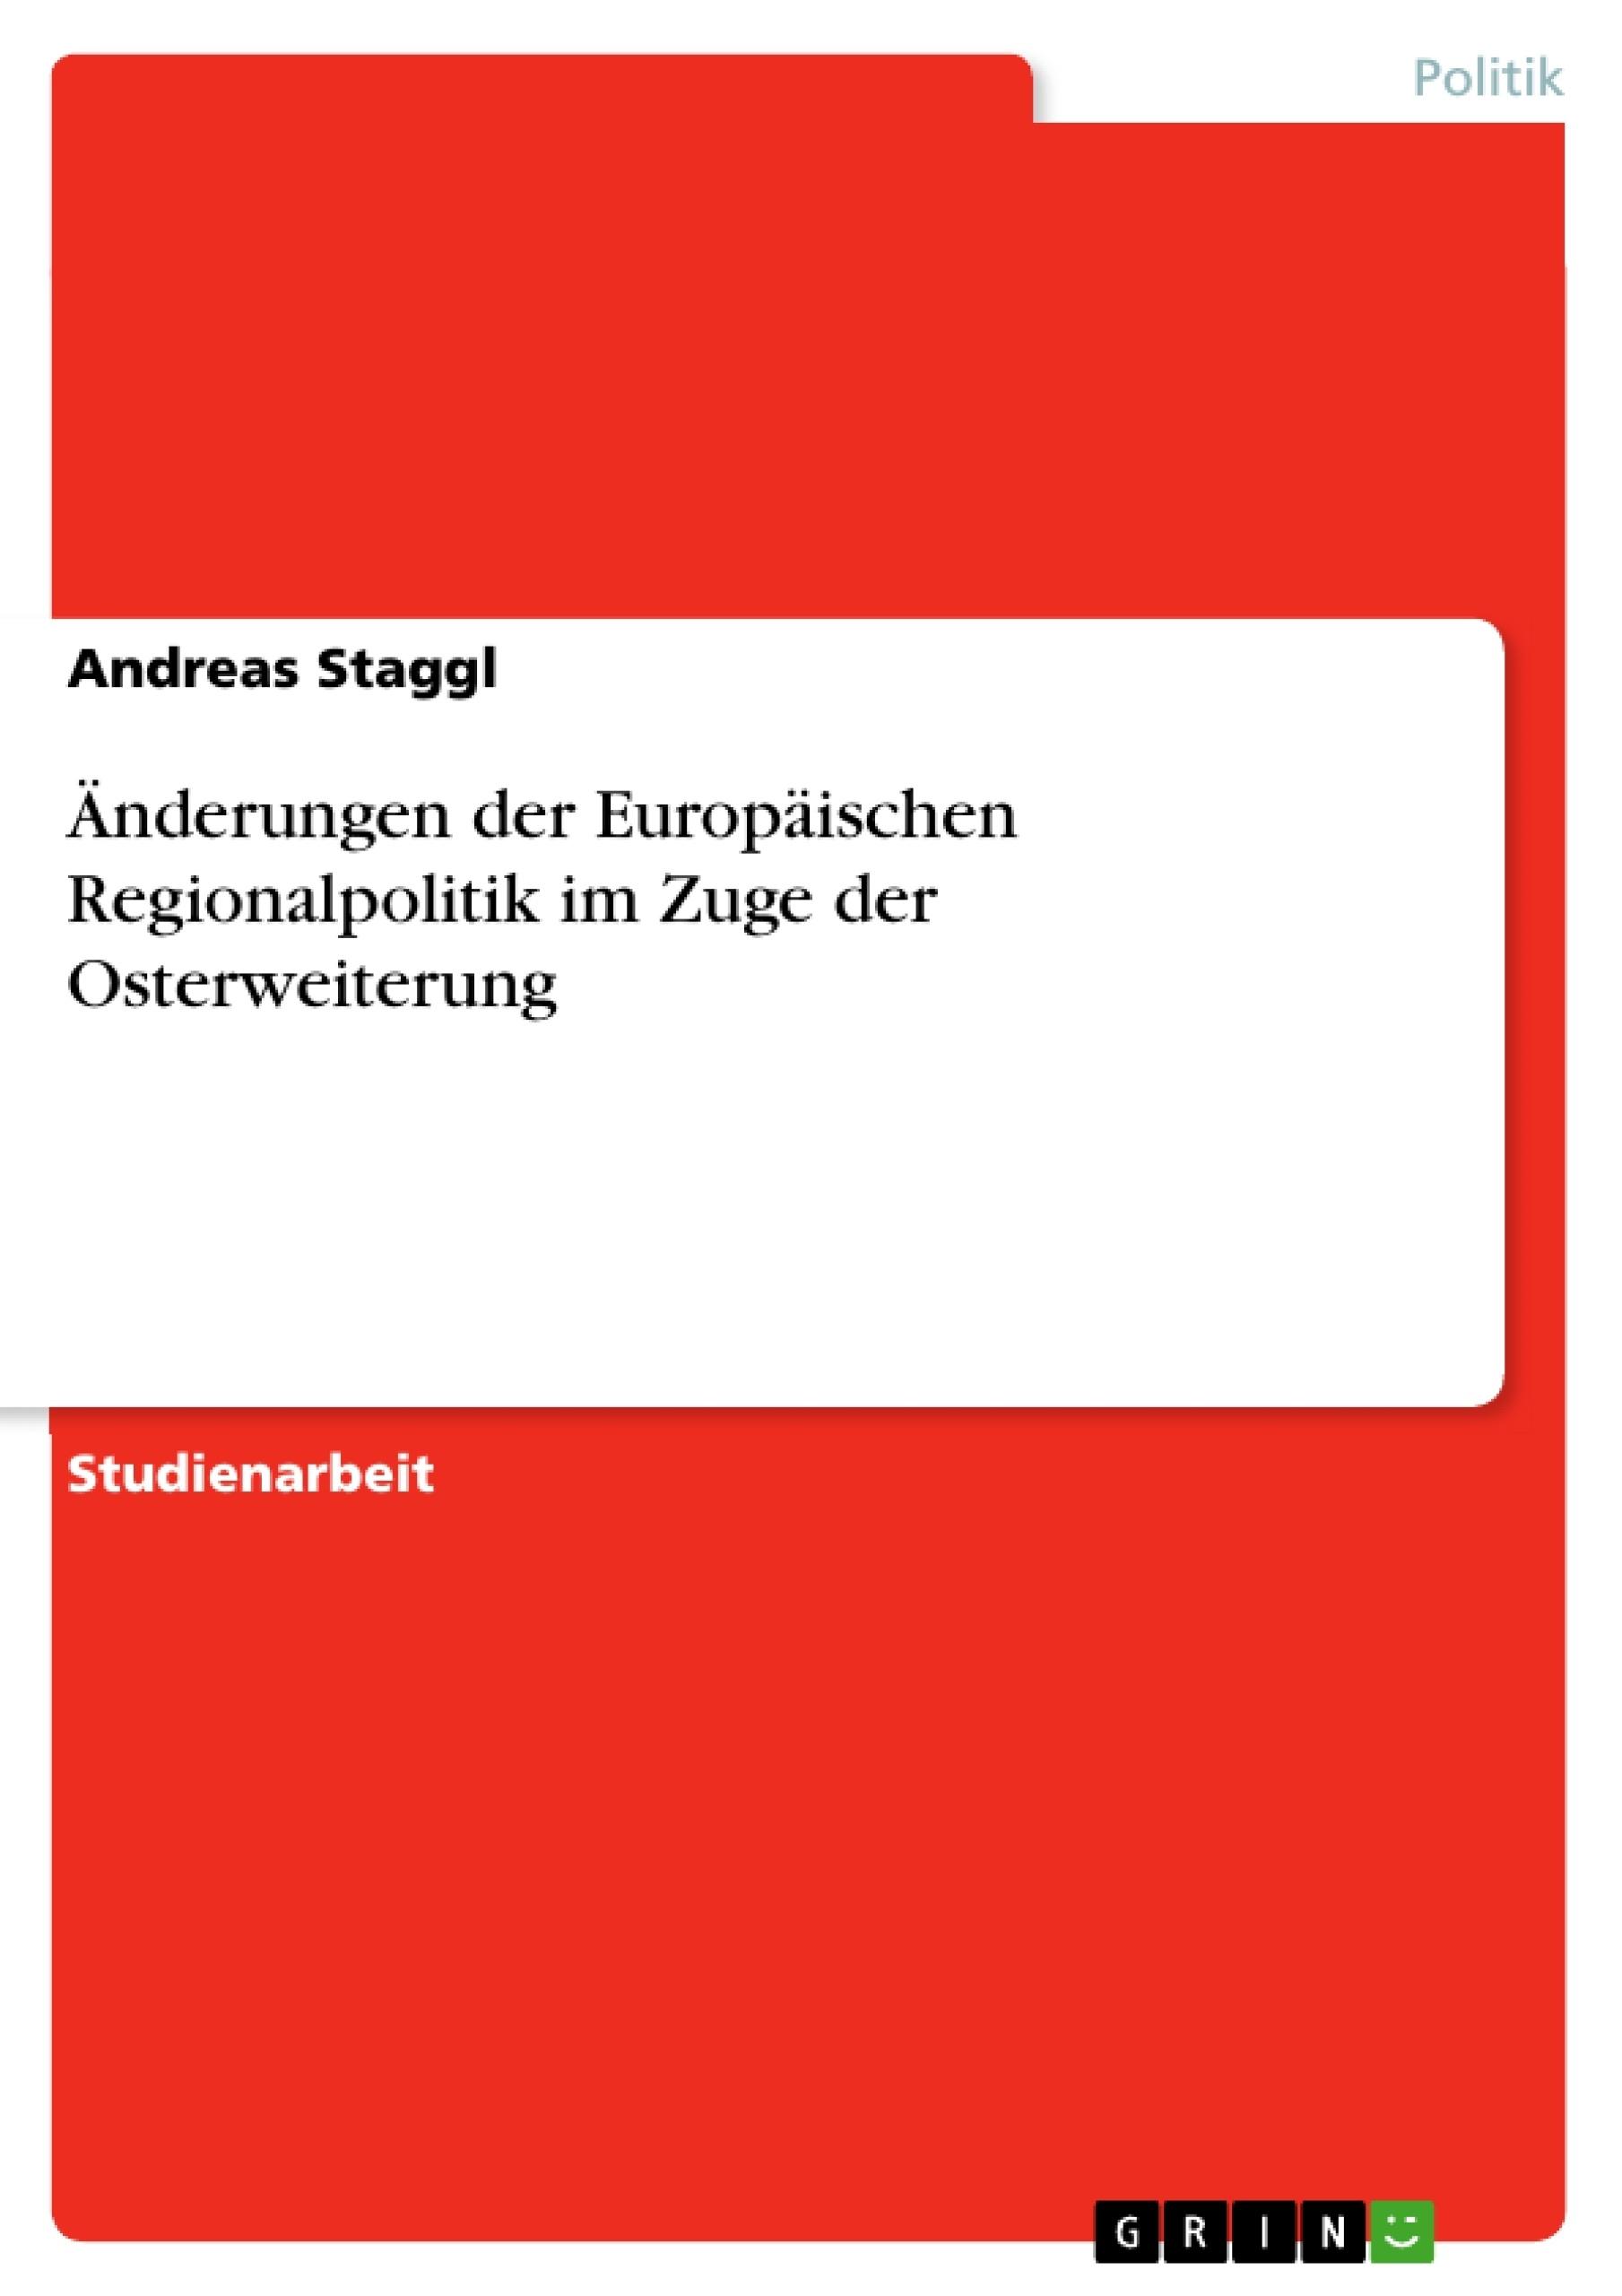 Titel: Änderungen der Europäischen Regionalpolitik im Zuge der Osterweiterung